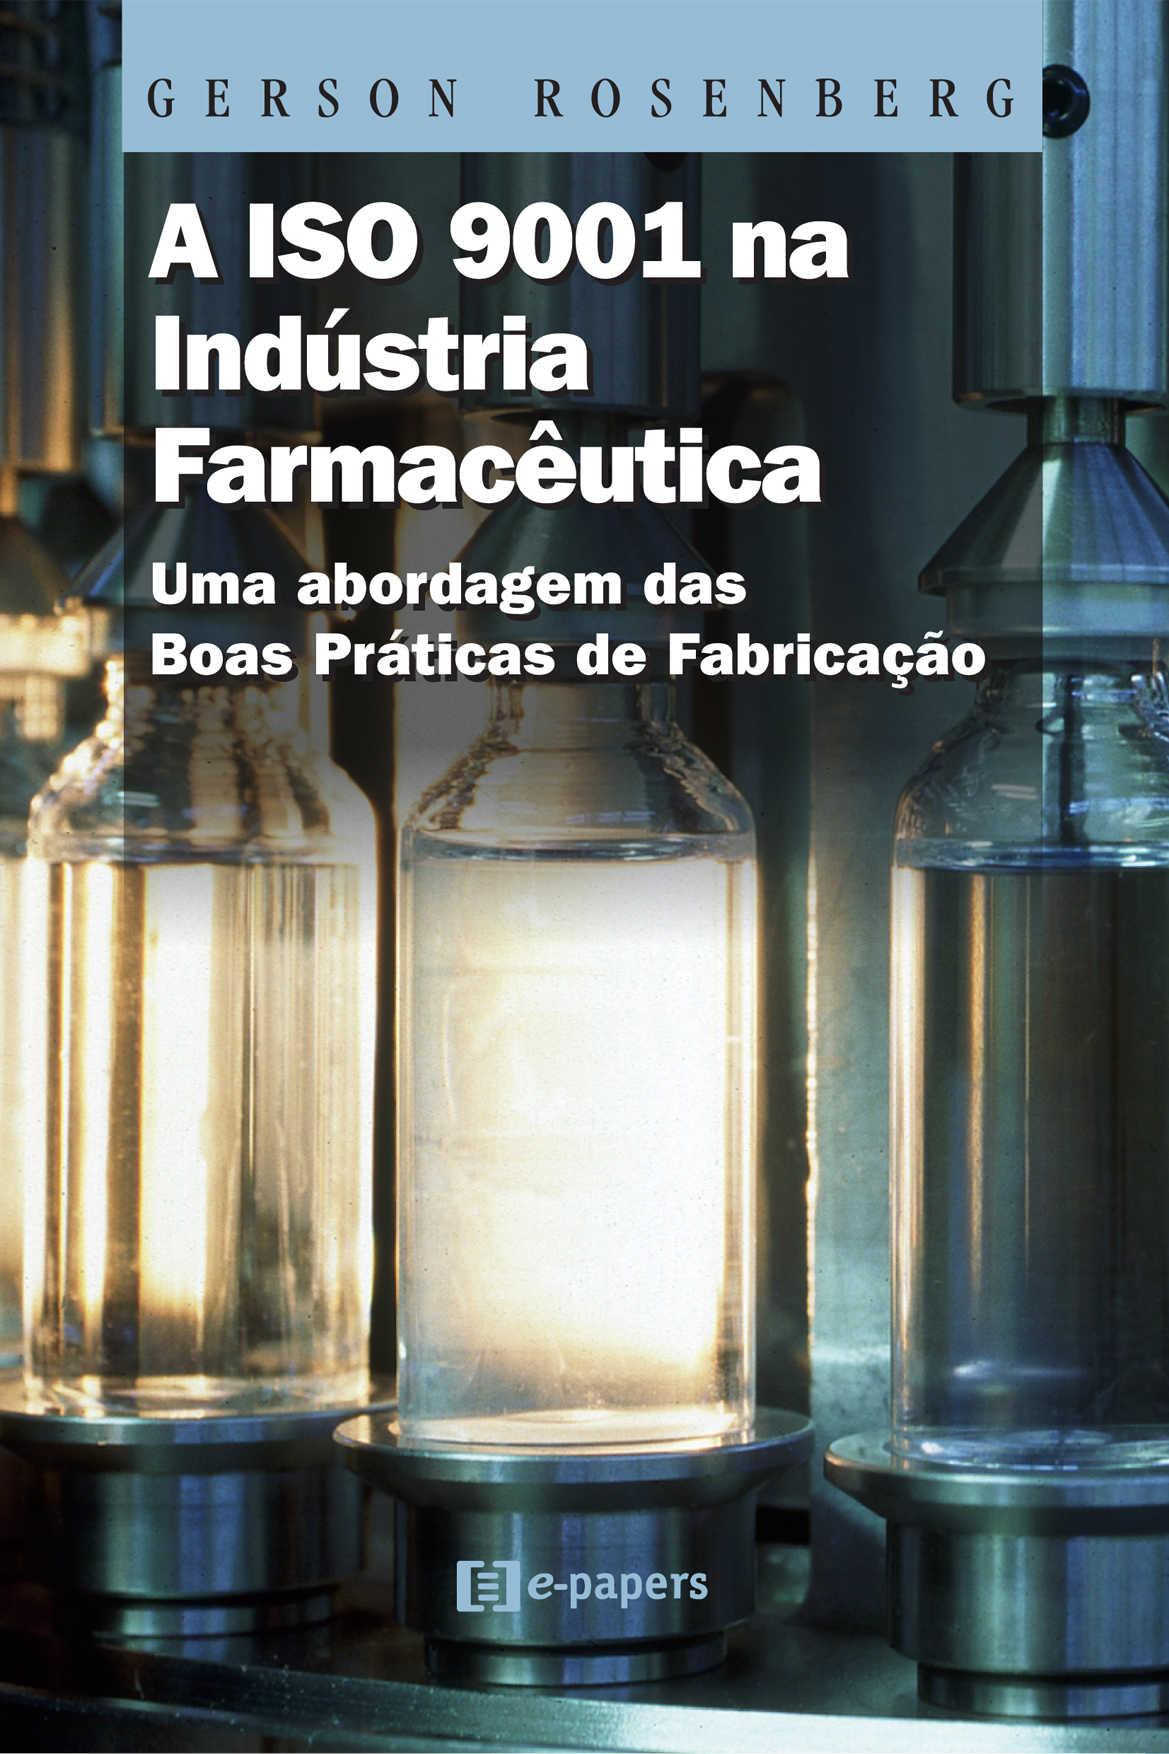 A ISO 9001 na Indústria Farmacêutica: Uma abordagem das Boas Práticas de Fabricação